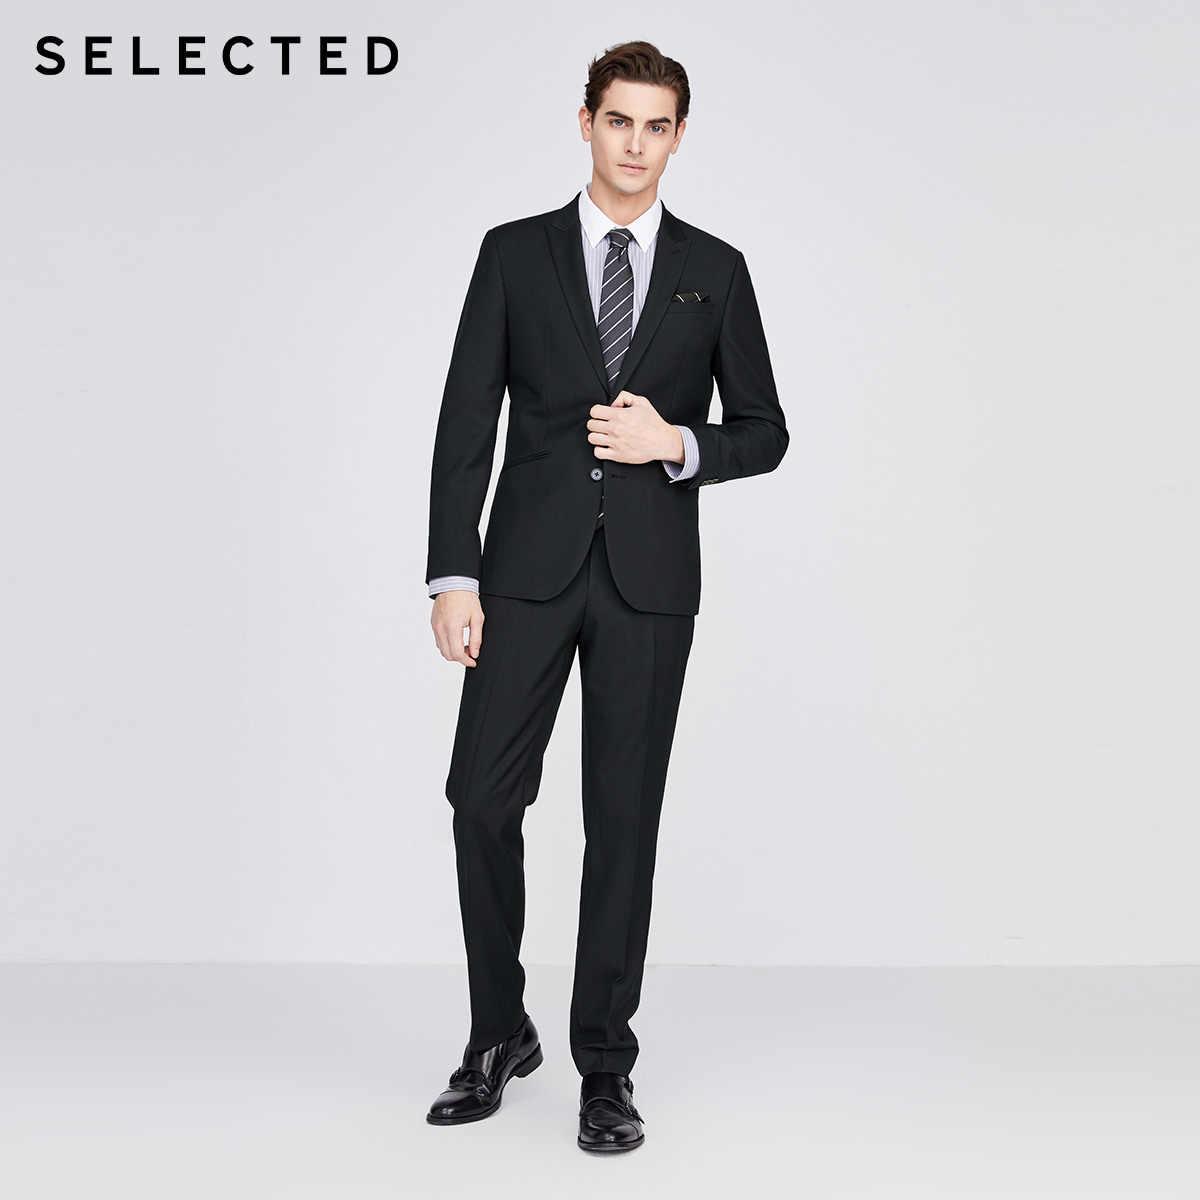 SELECTED 남성 슬림 레귤러 피트 블랙 자켓 비즈니스 블레이저 SIG | 42015X513